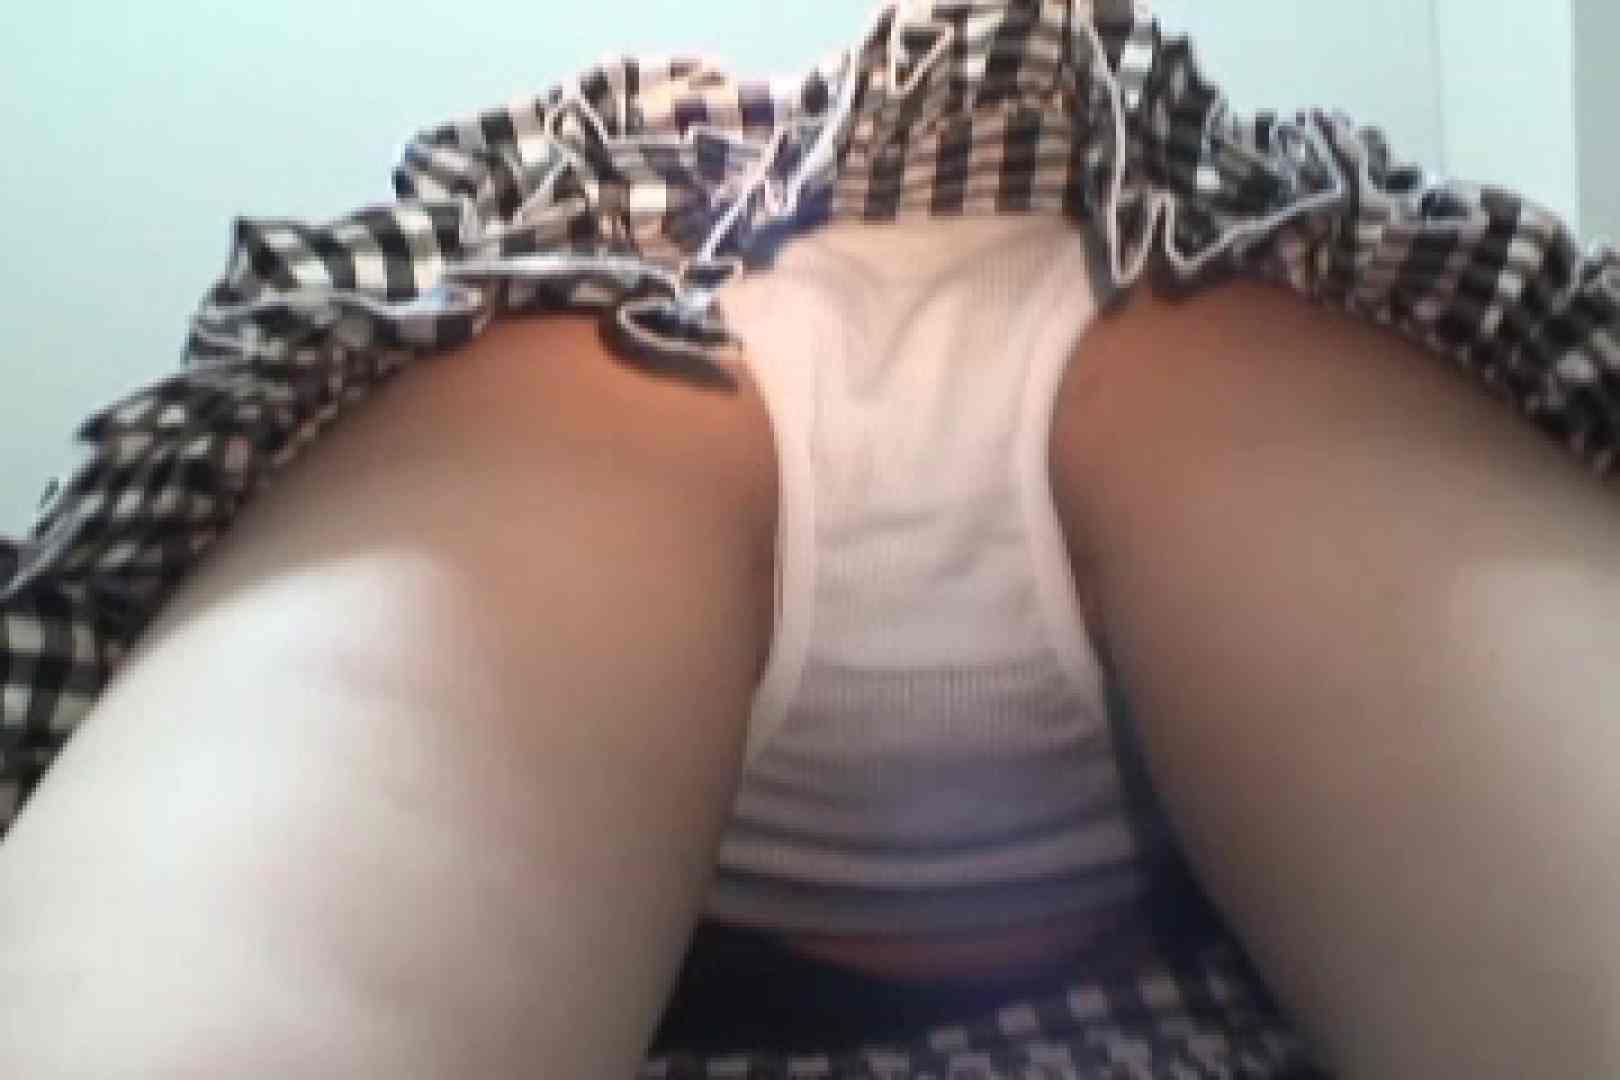 パンツ売りの女の子 りなちゃんvol.2 OLのエッチ のぞき動画キャプチャ 80pic 66